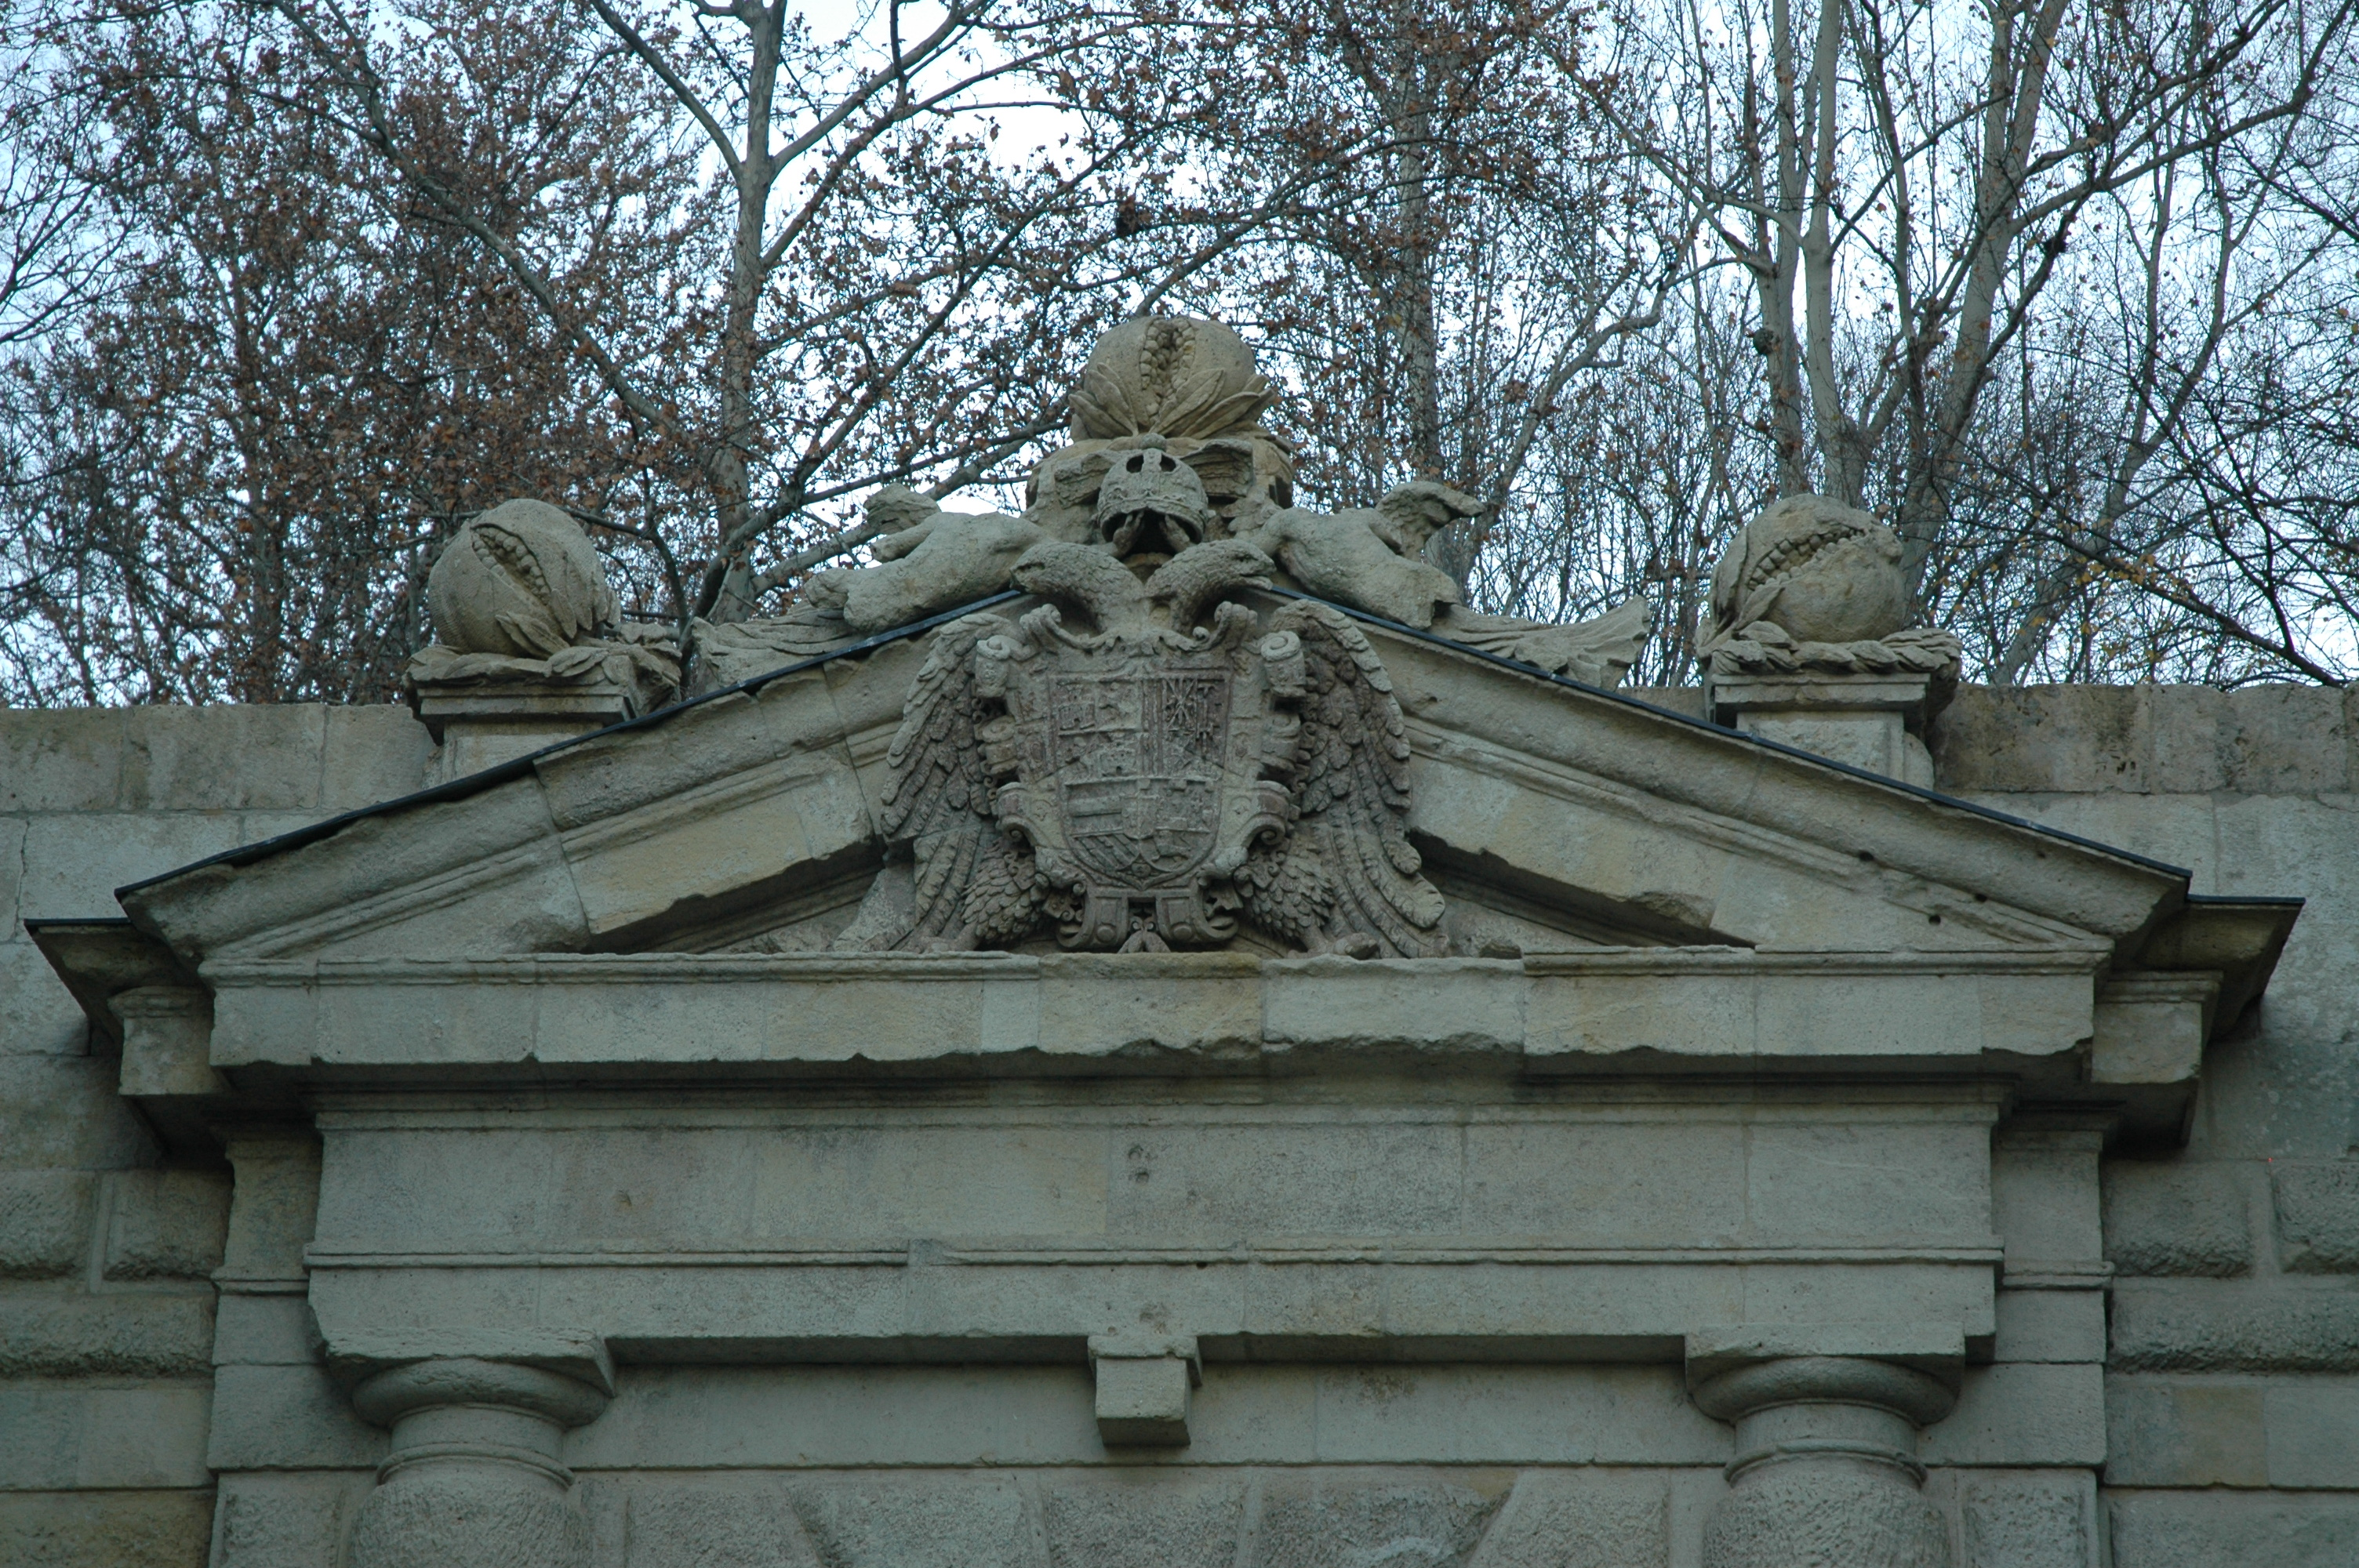 Puerta De Las Granadas Identidad E Imagen De Andaluc A